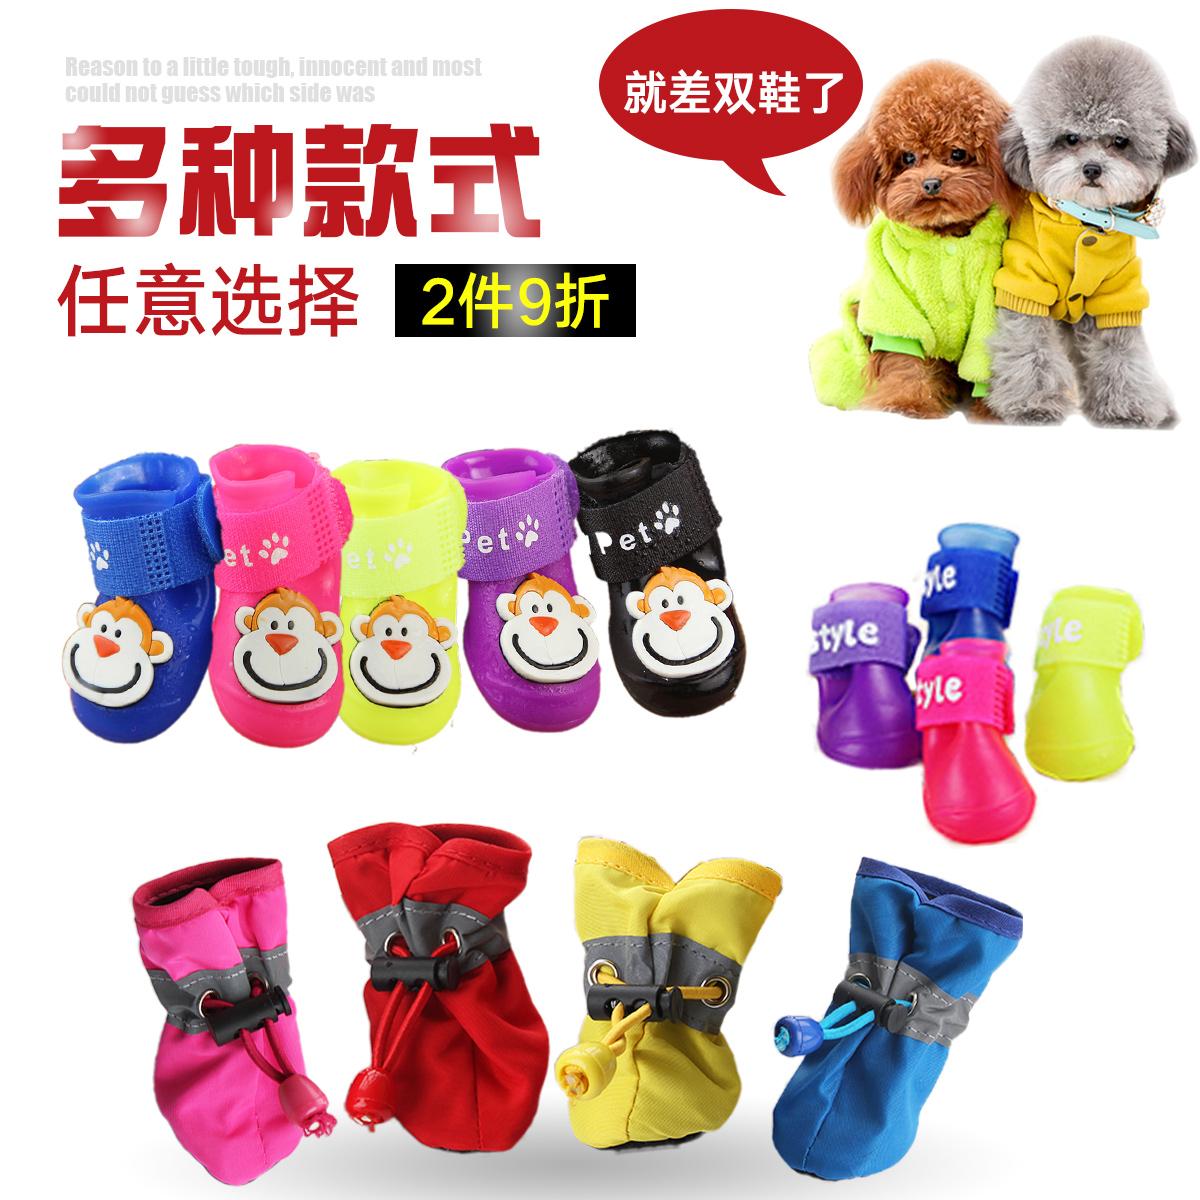 Собака обувь желе водонепроницаемый сапоги почетным гостем тедди собака сапоги домашнее животное собака обувь домашнее животное сапоги дождь день обувь